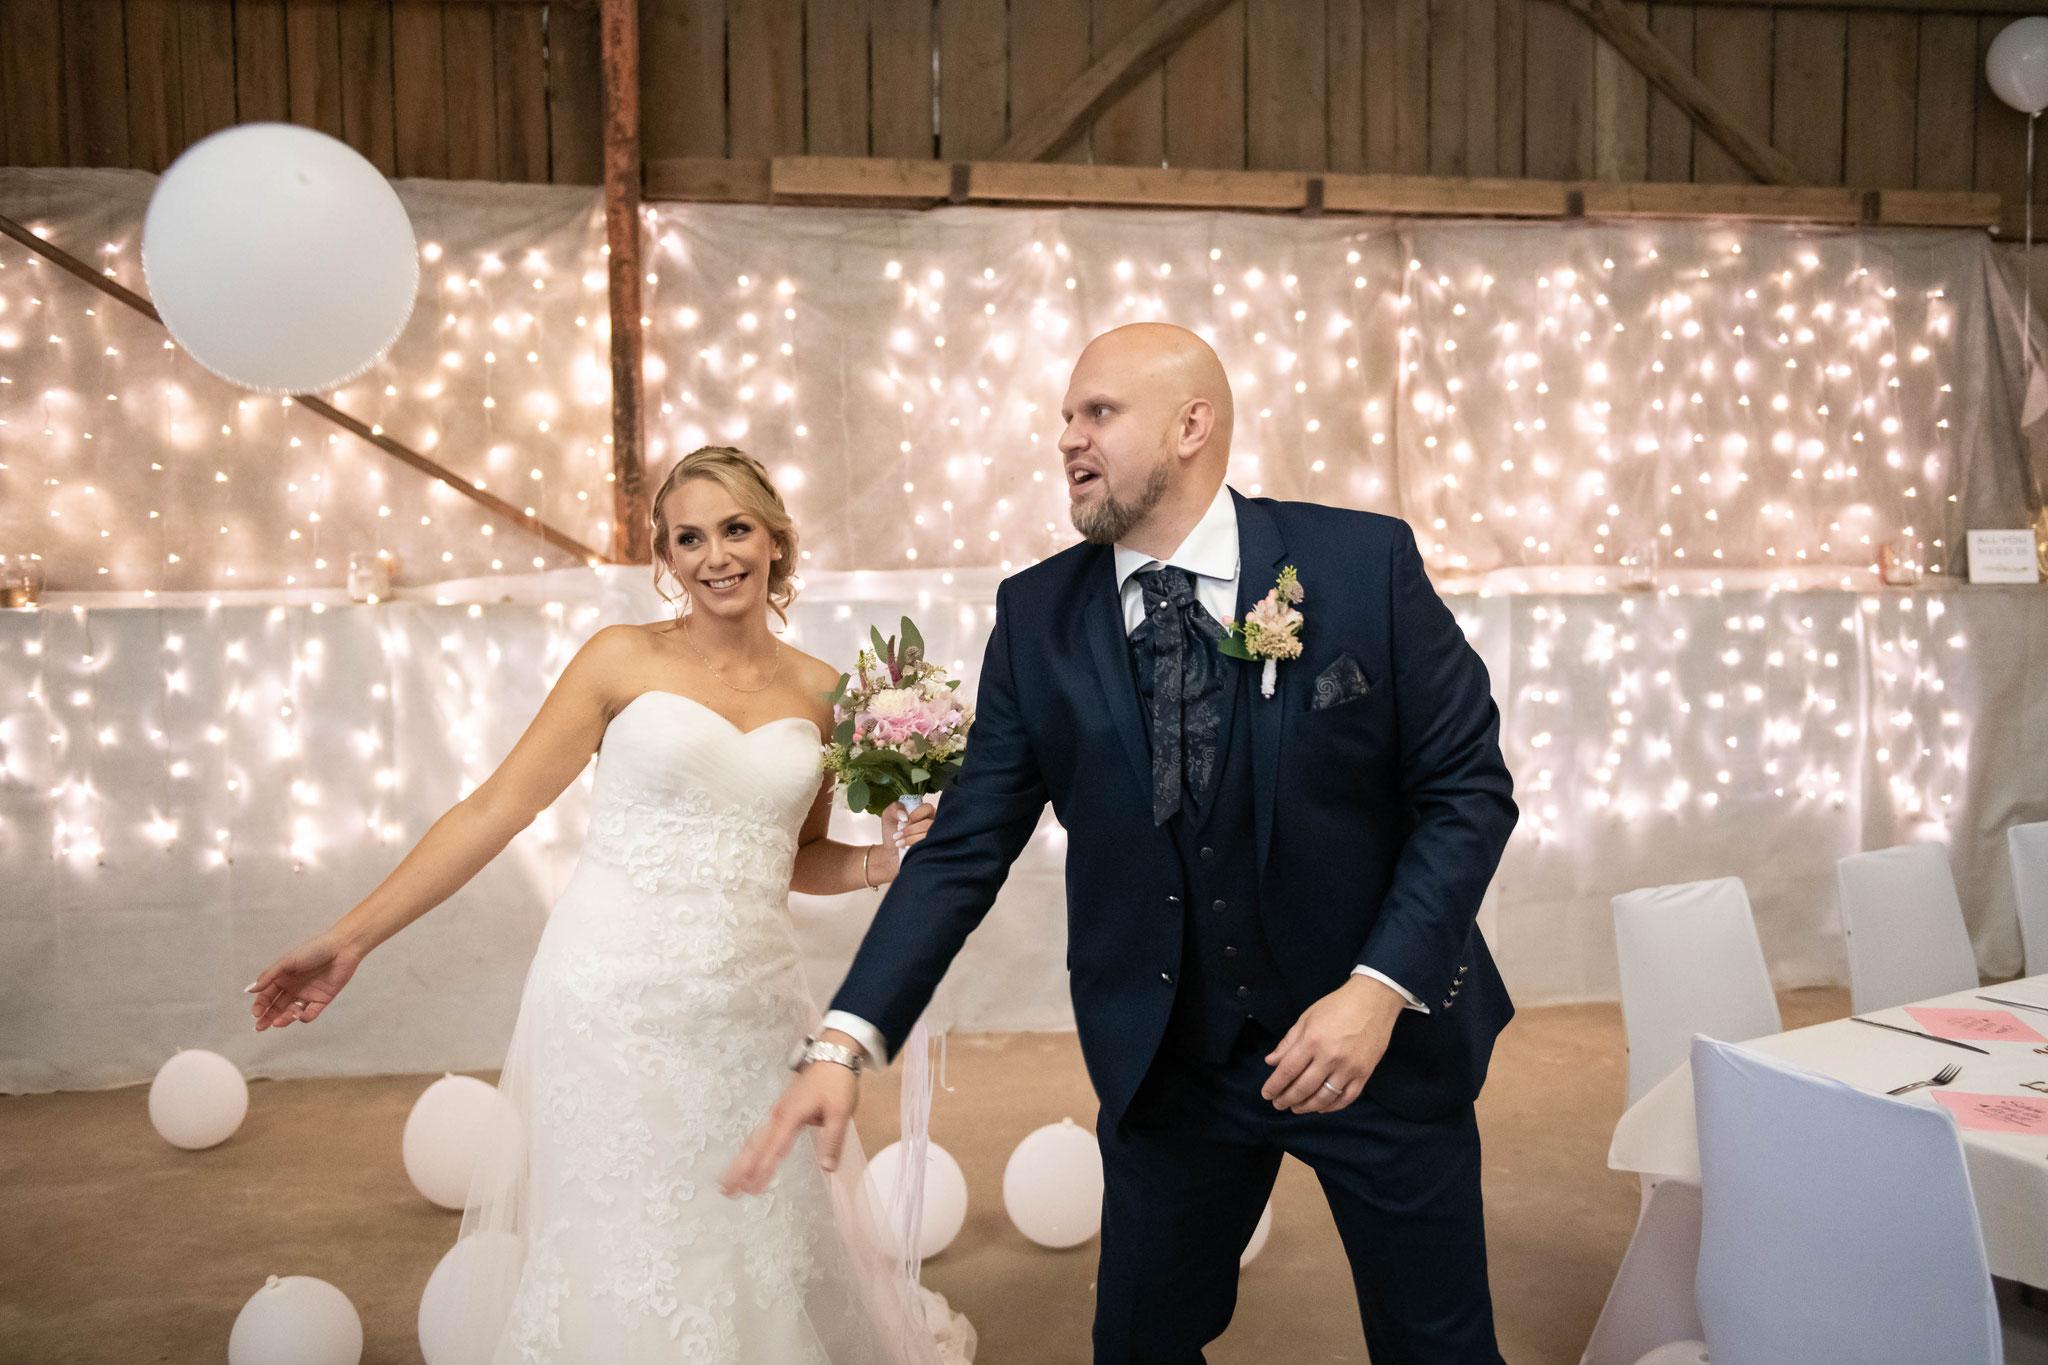 Spontane Aufnahmen mit dem Brautpaar